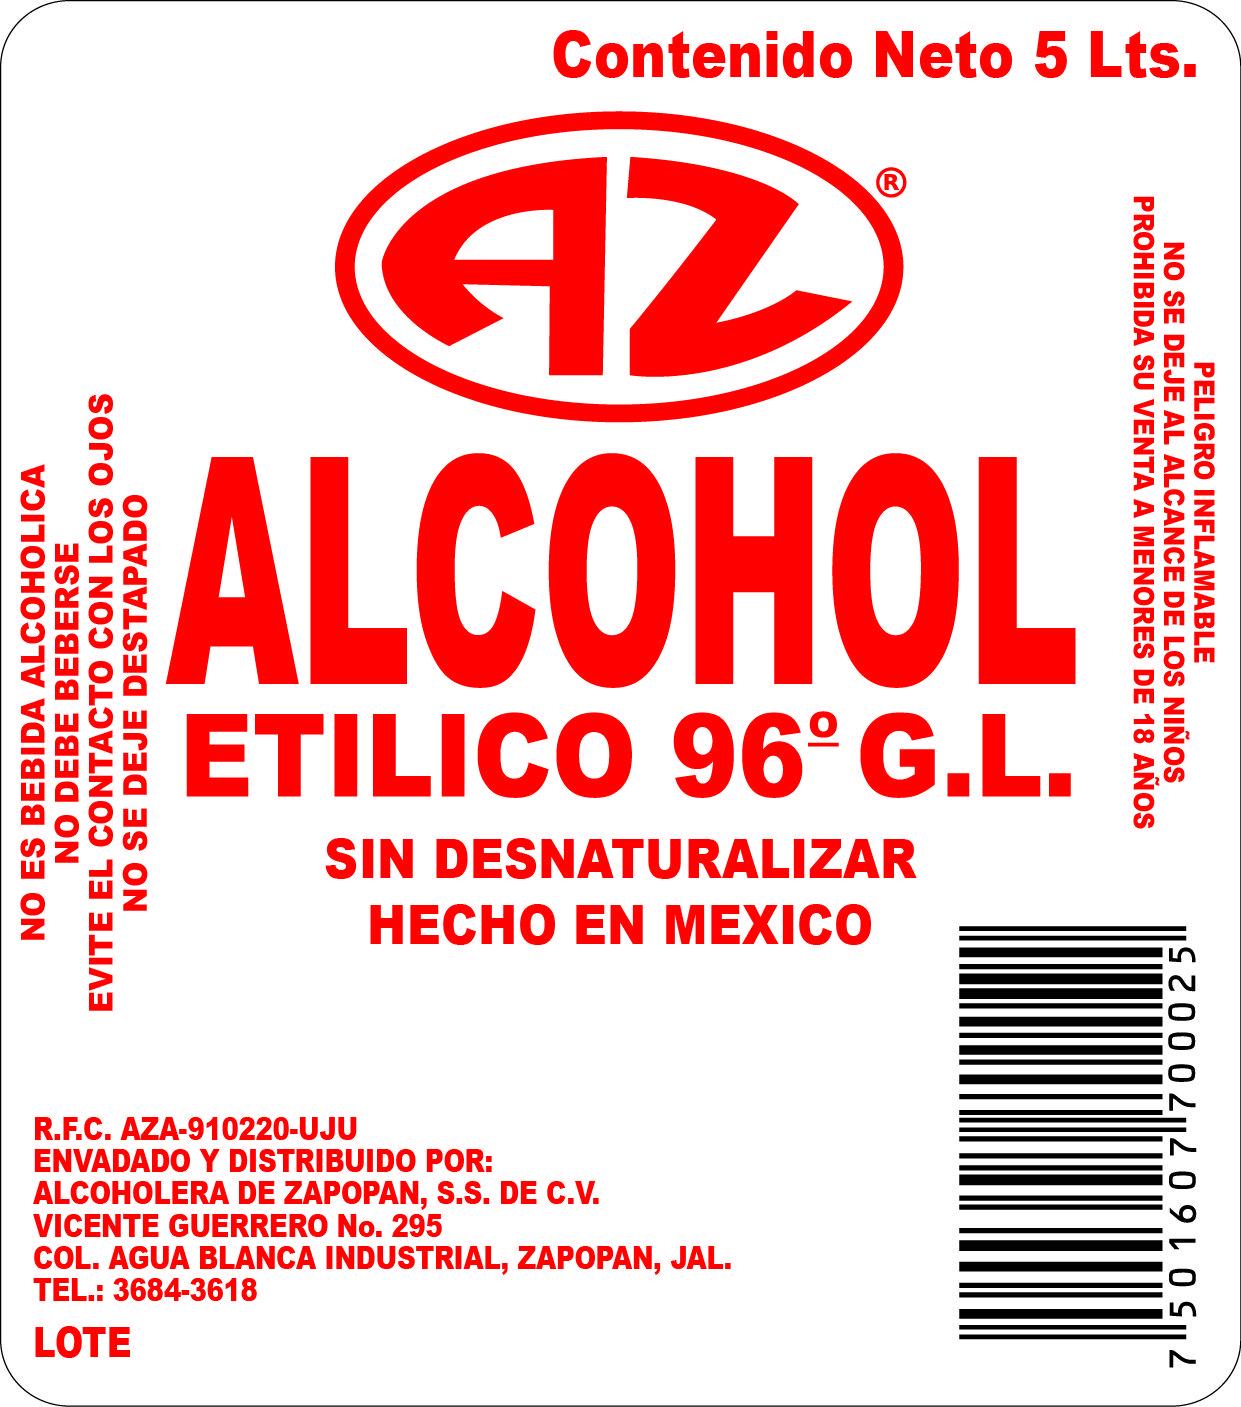 Pin De Hugö Saavedra En Etiqueta Az Amor A Distancia Hecho En México Alcoholica